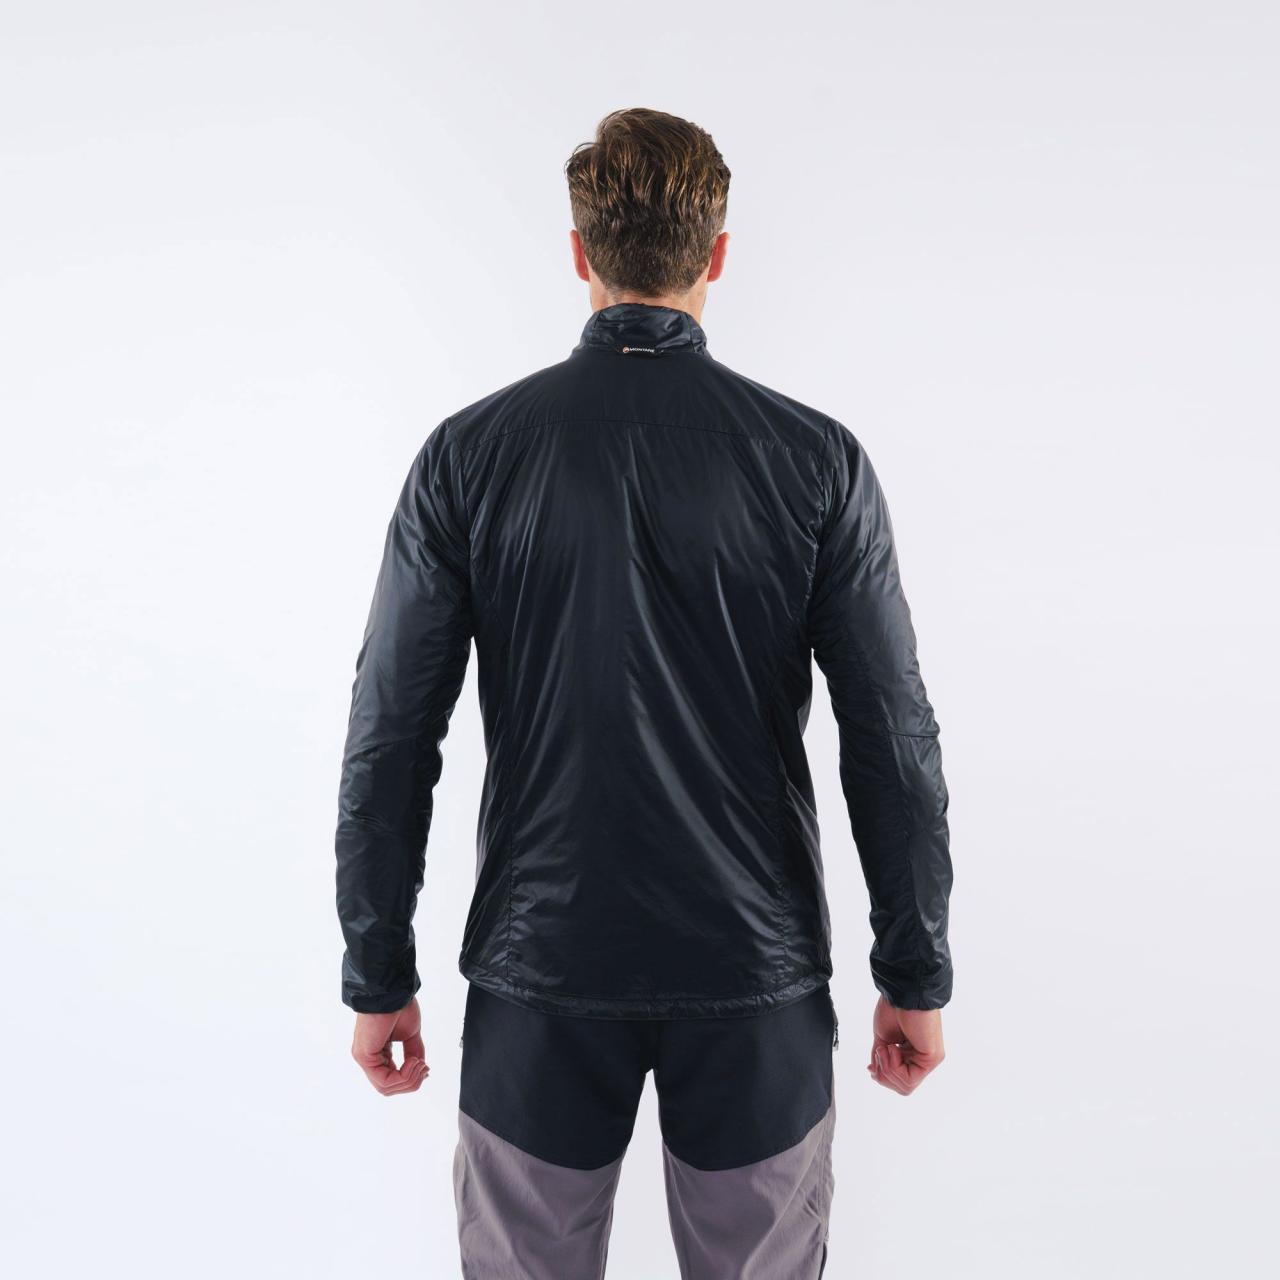 PRISM ULTRA PULL-ON-BLACK-M pánská bunda černá